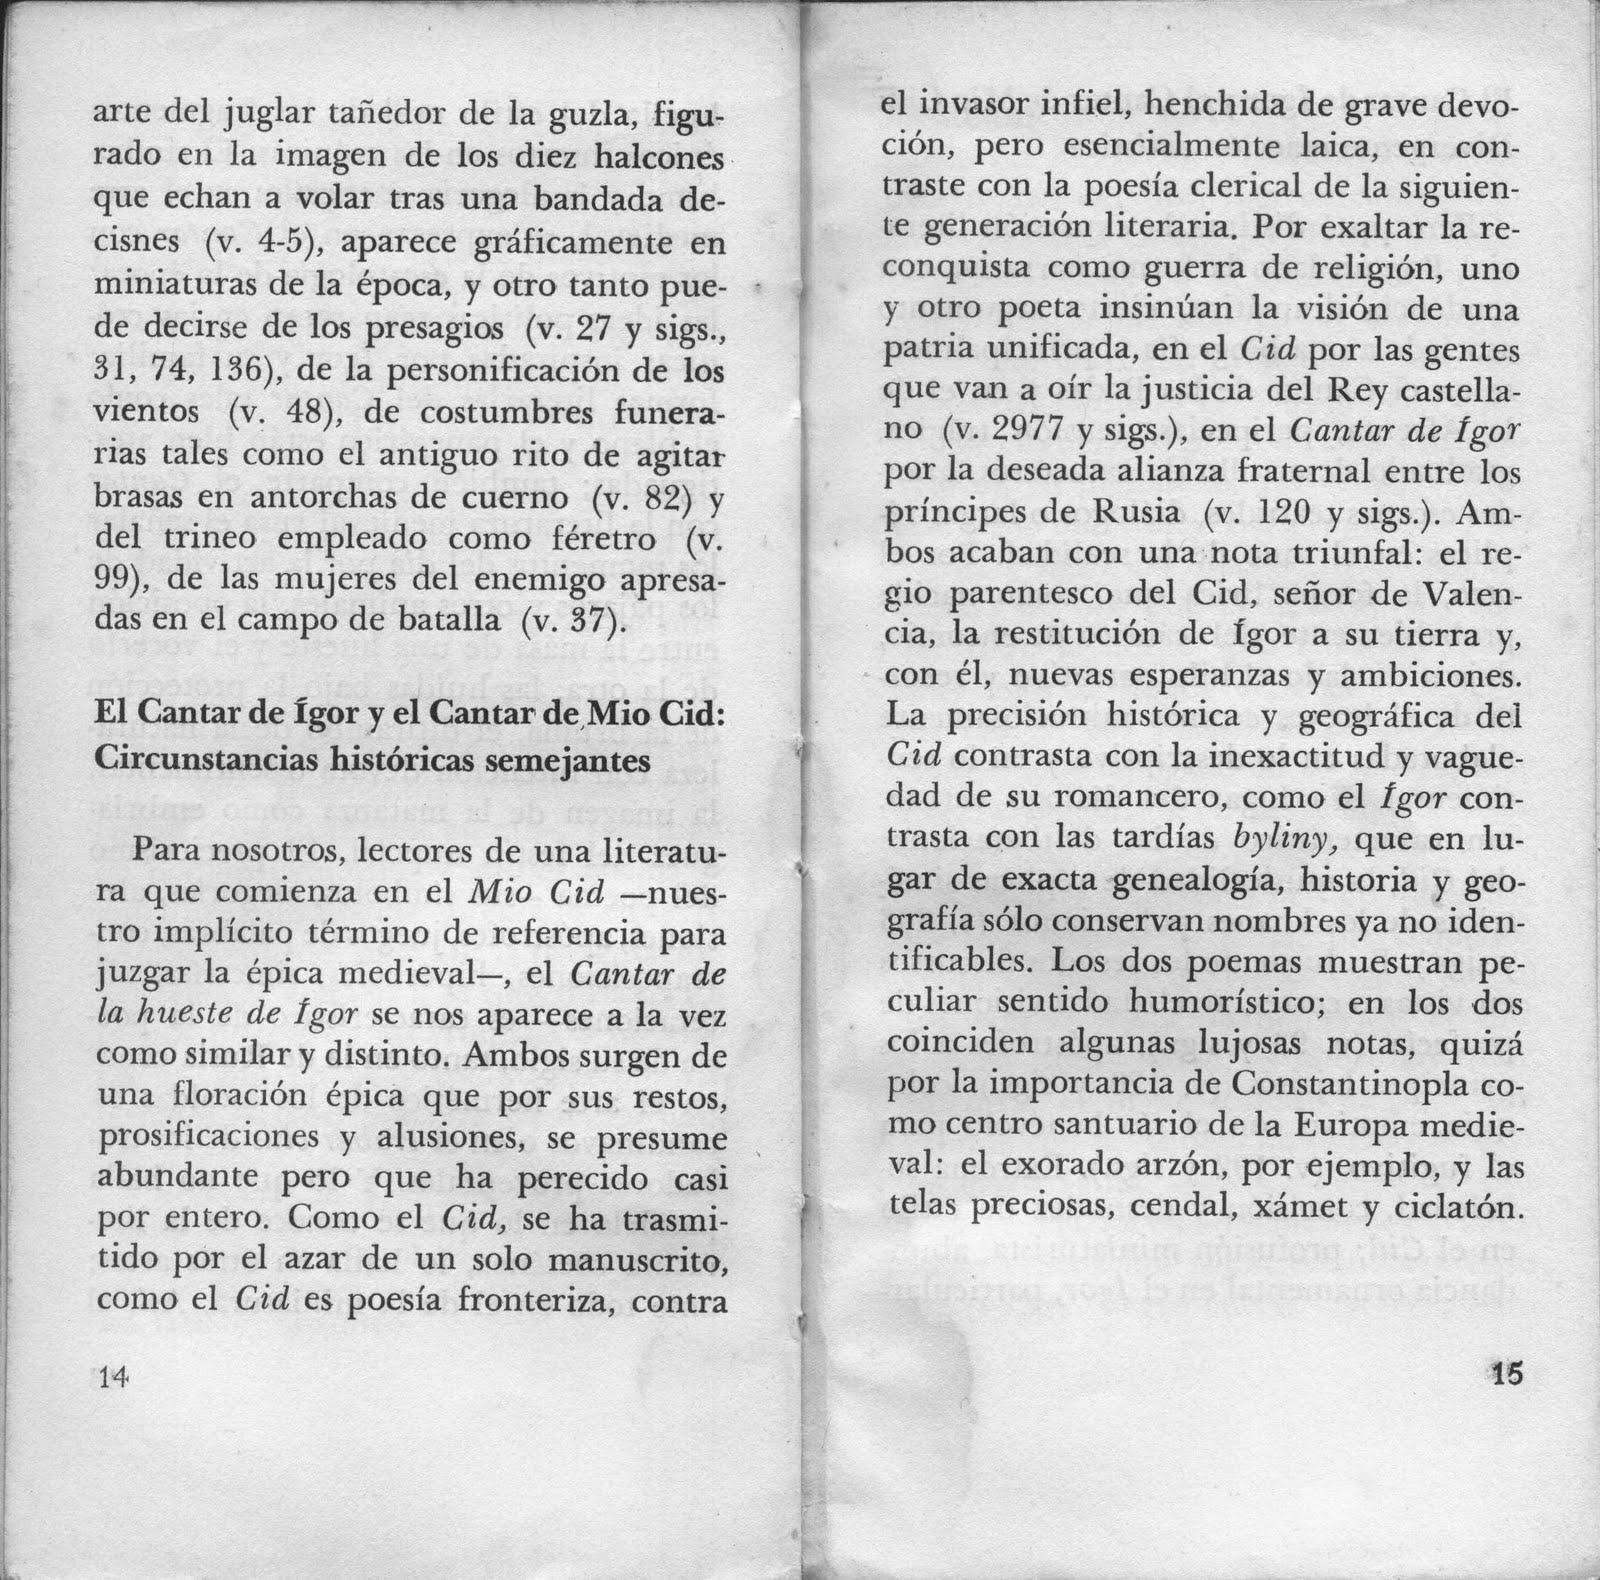 Apuntes De Literatura Extranjera Cantar De La Hueste De Igor